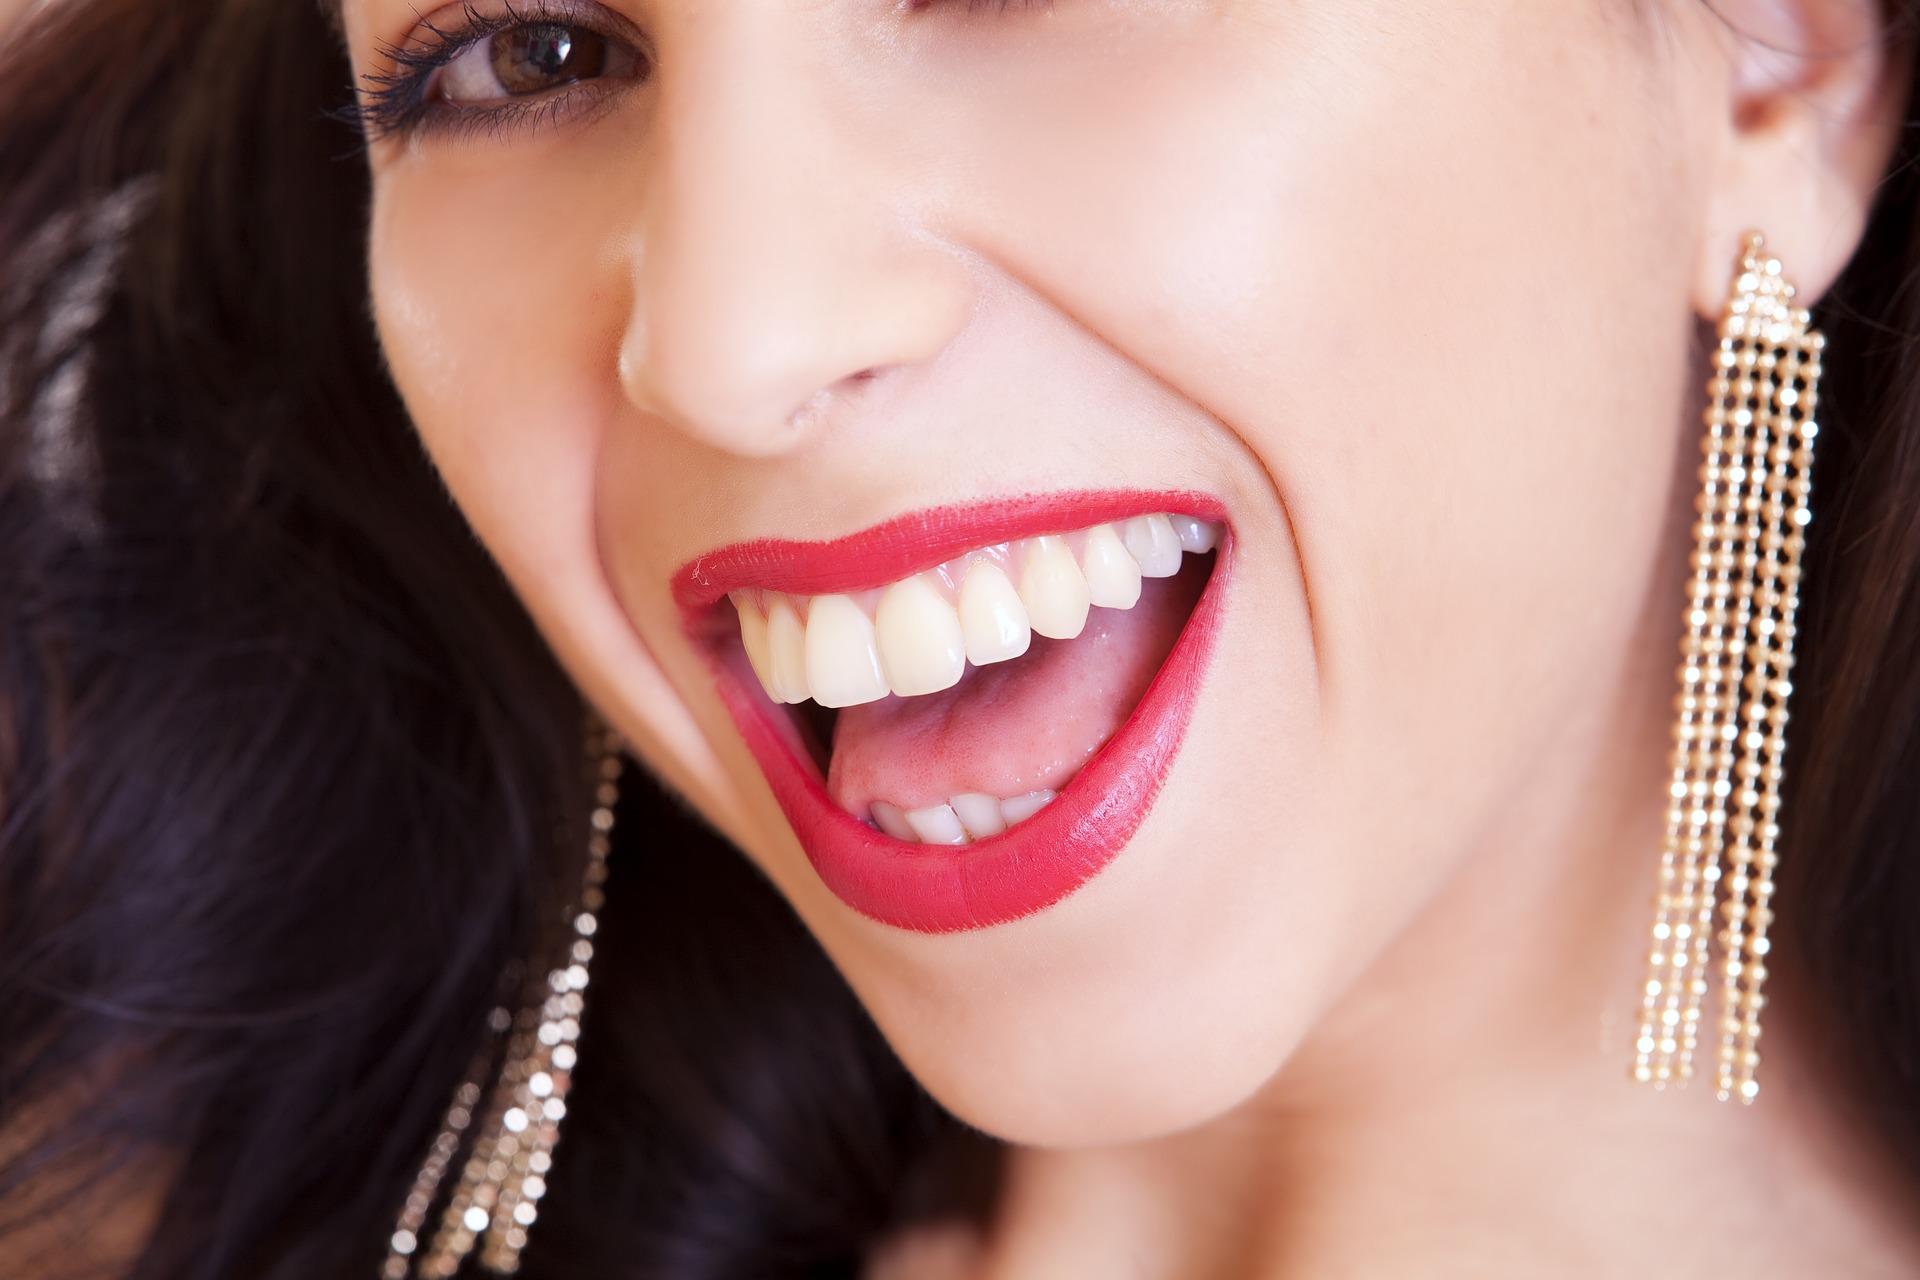 Co robić, by cieszyć się zdrowym i pięknym uśmiechem przez lata?